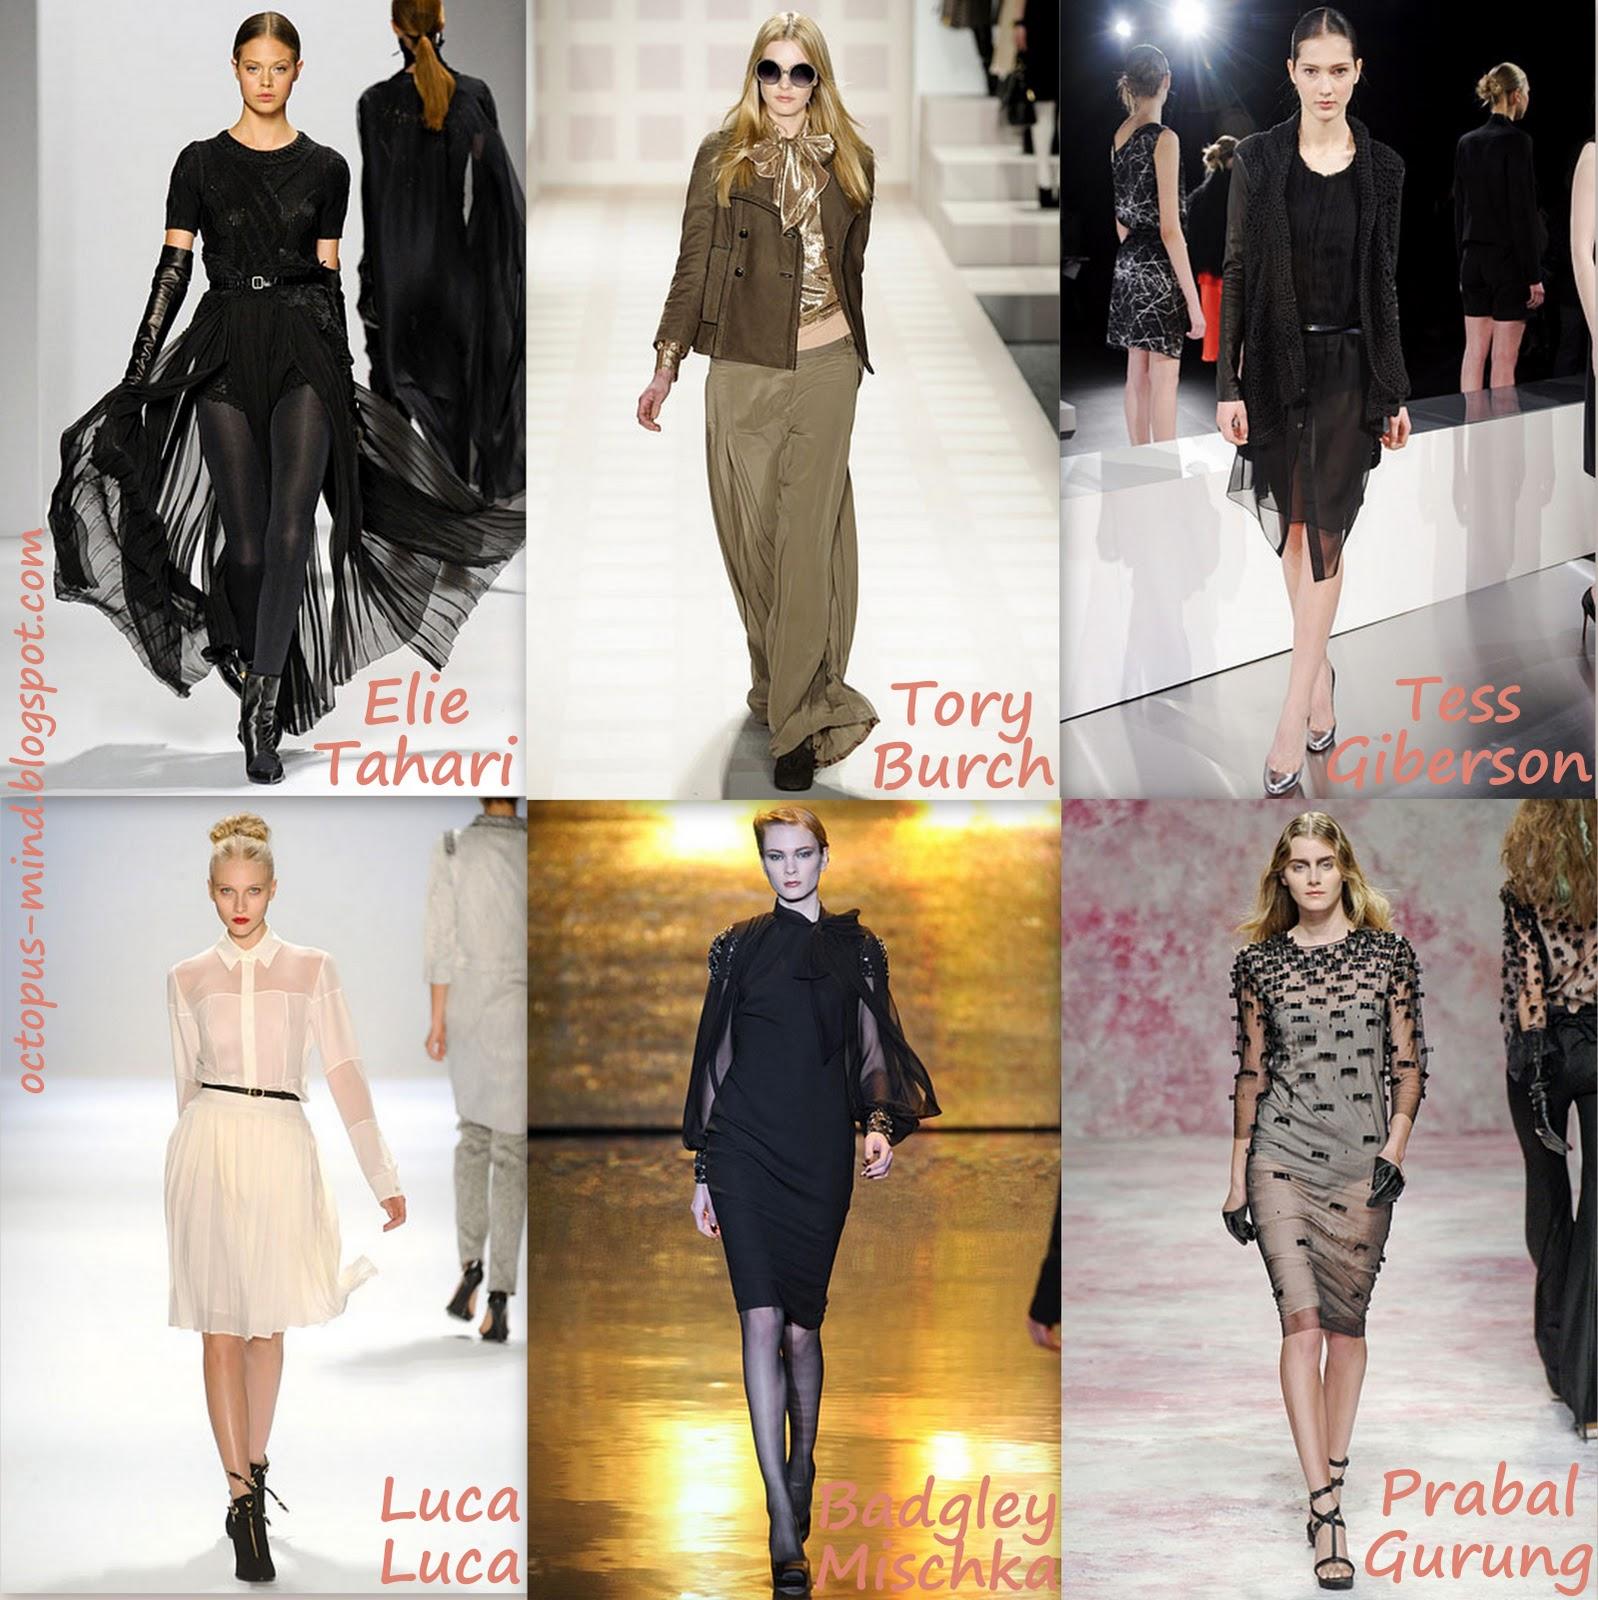 38b72c780d0fb Kadife özellikle ayakkabı, kemer ve çanta gibi aksesuarlarda var. Genel  olarak beğendim ama önümüzde daha dün başlayan London Fashion Week var,  bakalım orda ...